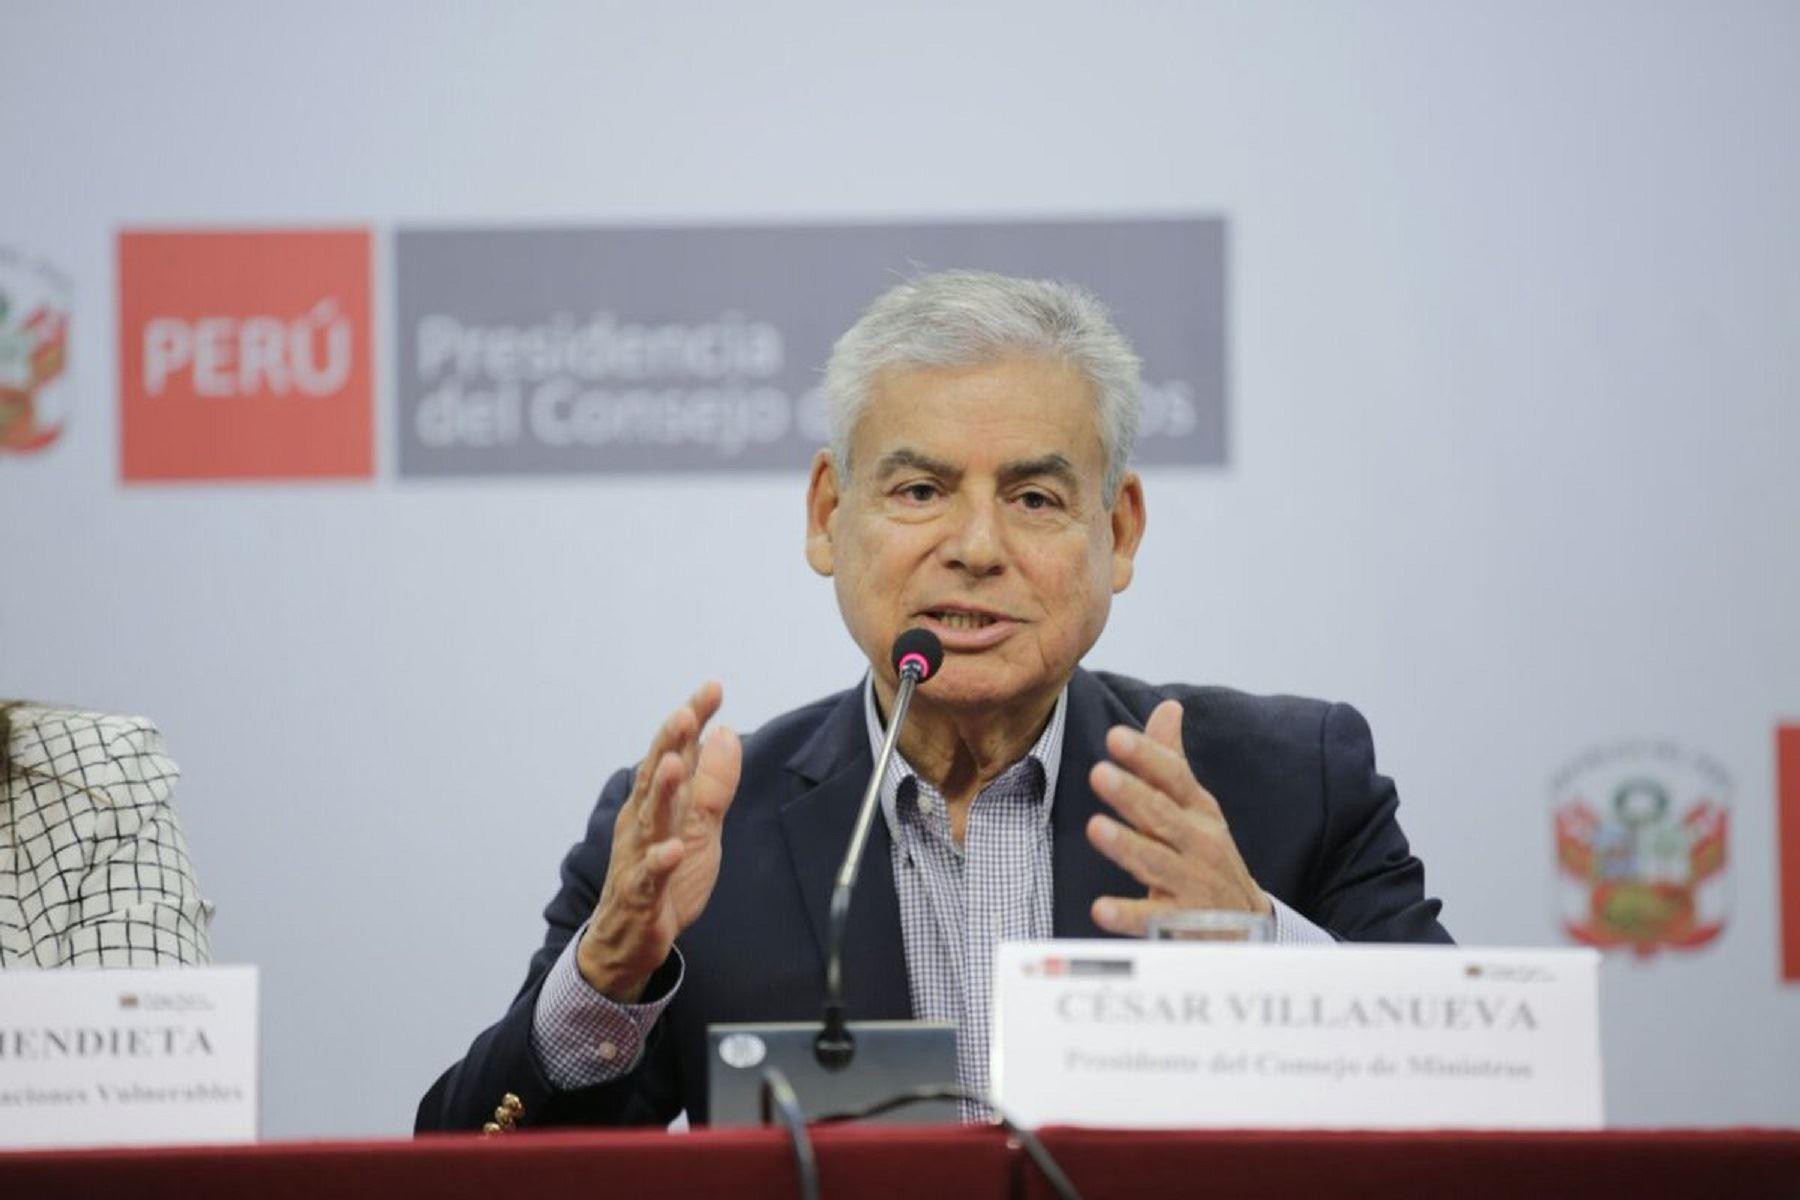 Este miércoles 2 de mayo César Villanueva pedirá voto de confianza — Congreso